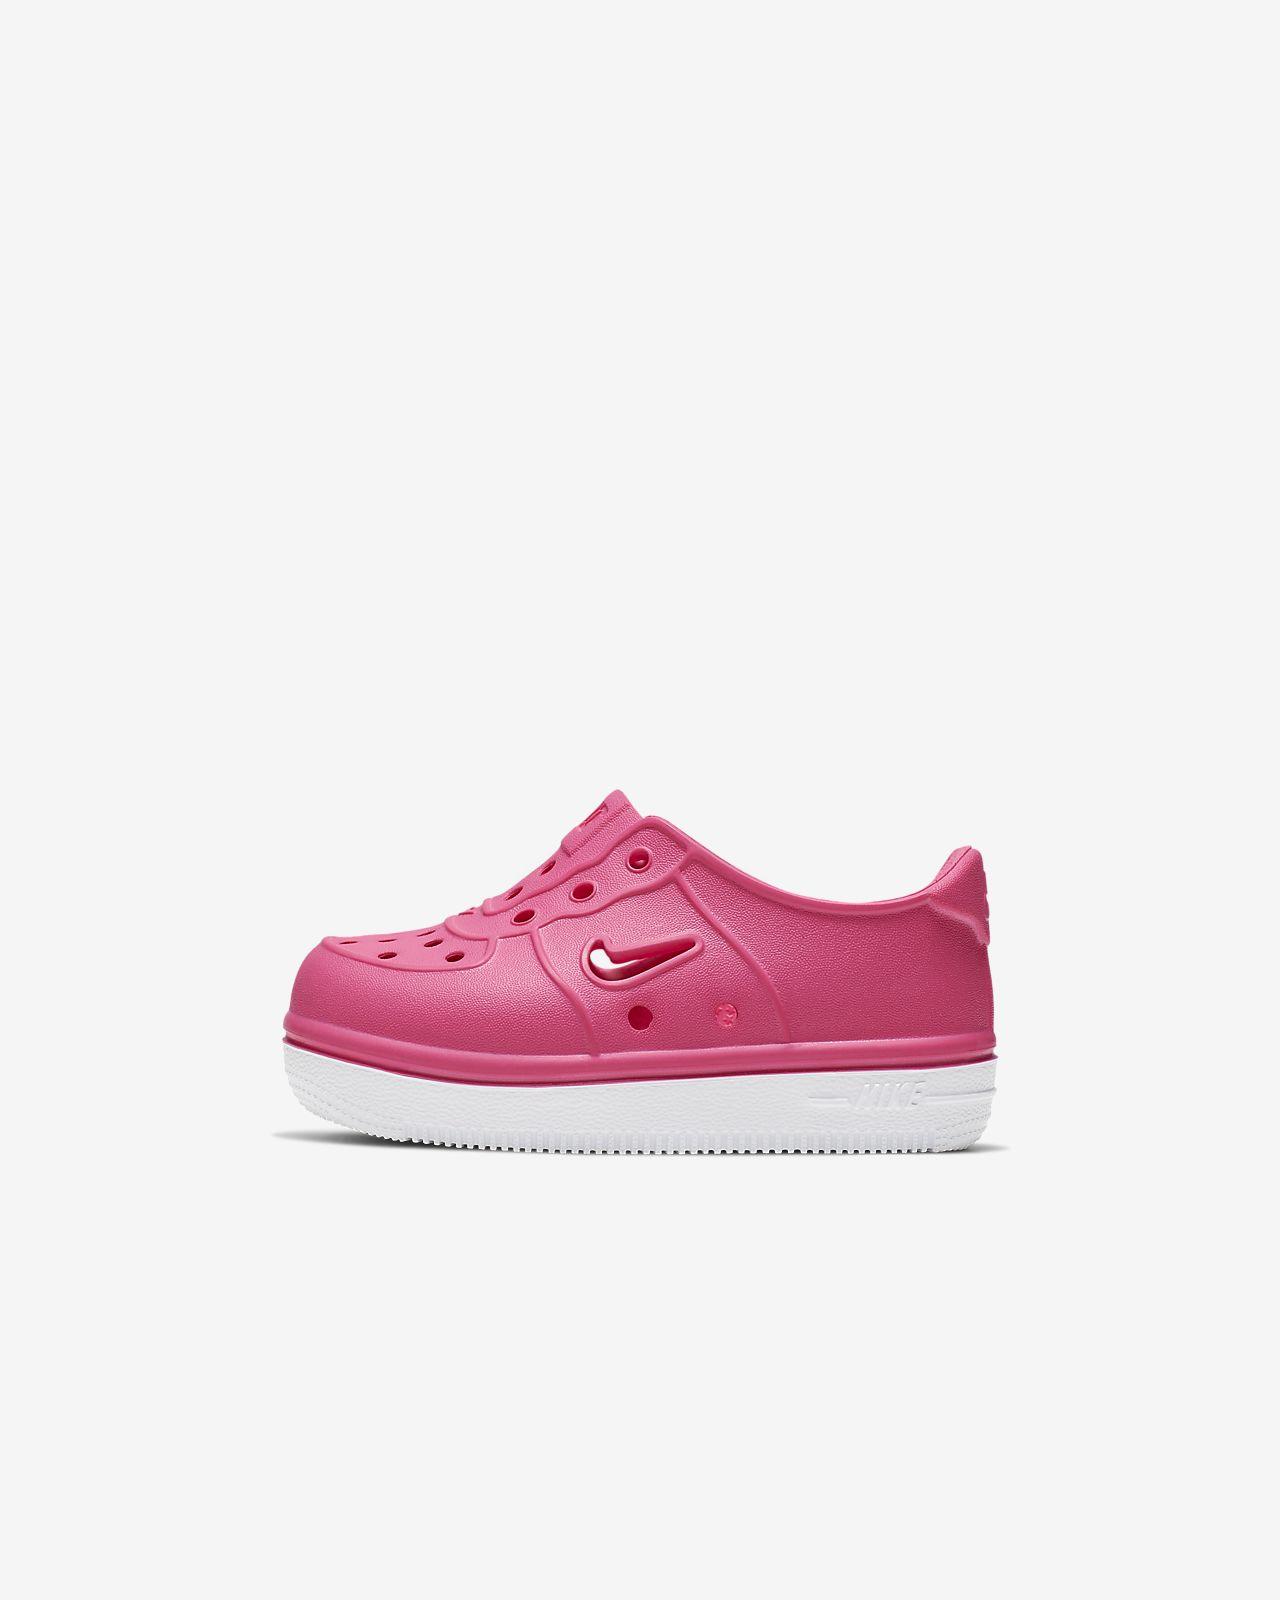 Nike Foam Force 1 Sabatilles - Nadó i infant